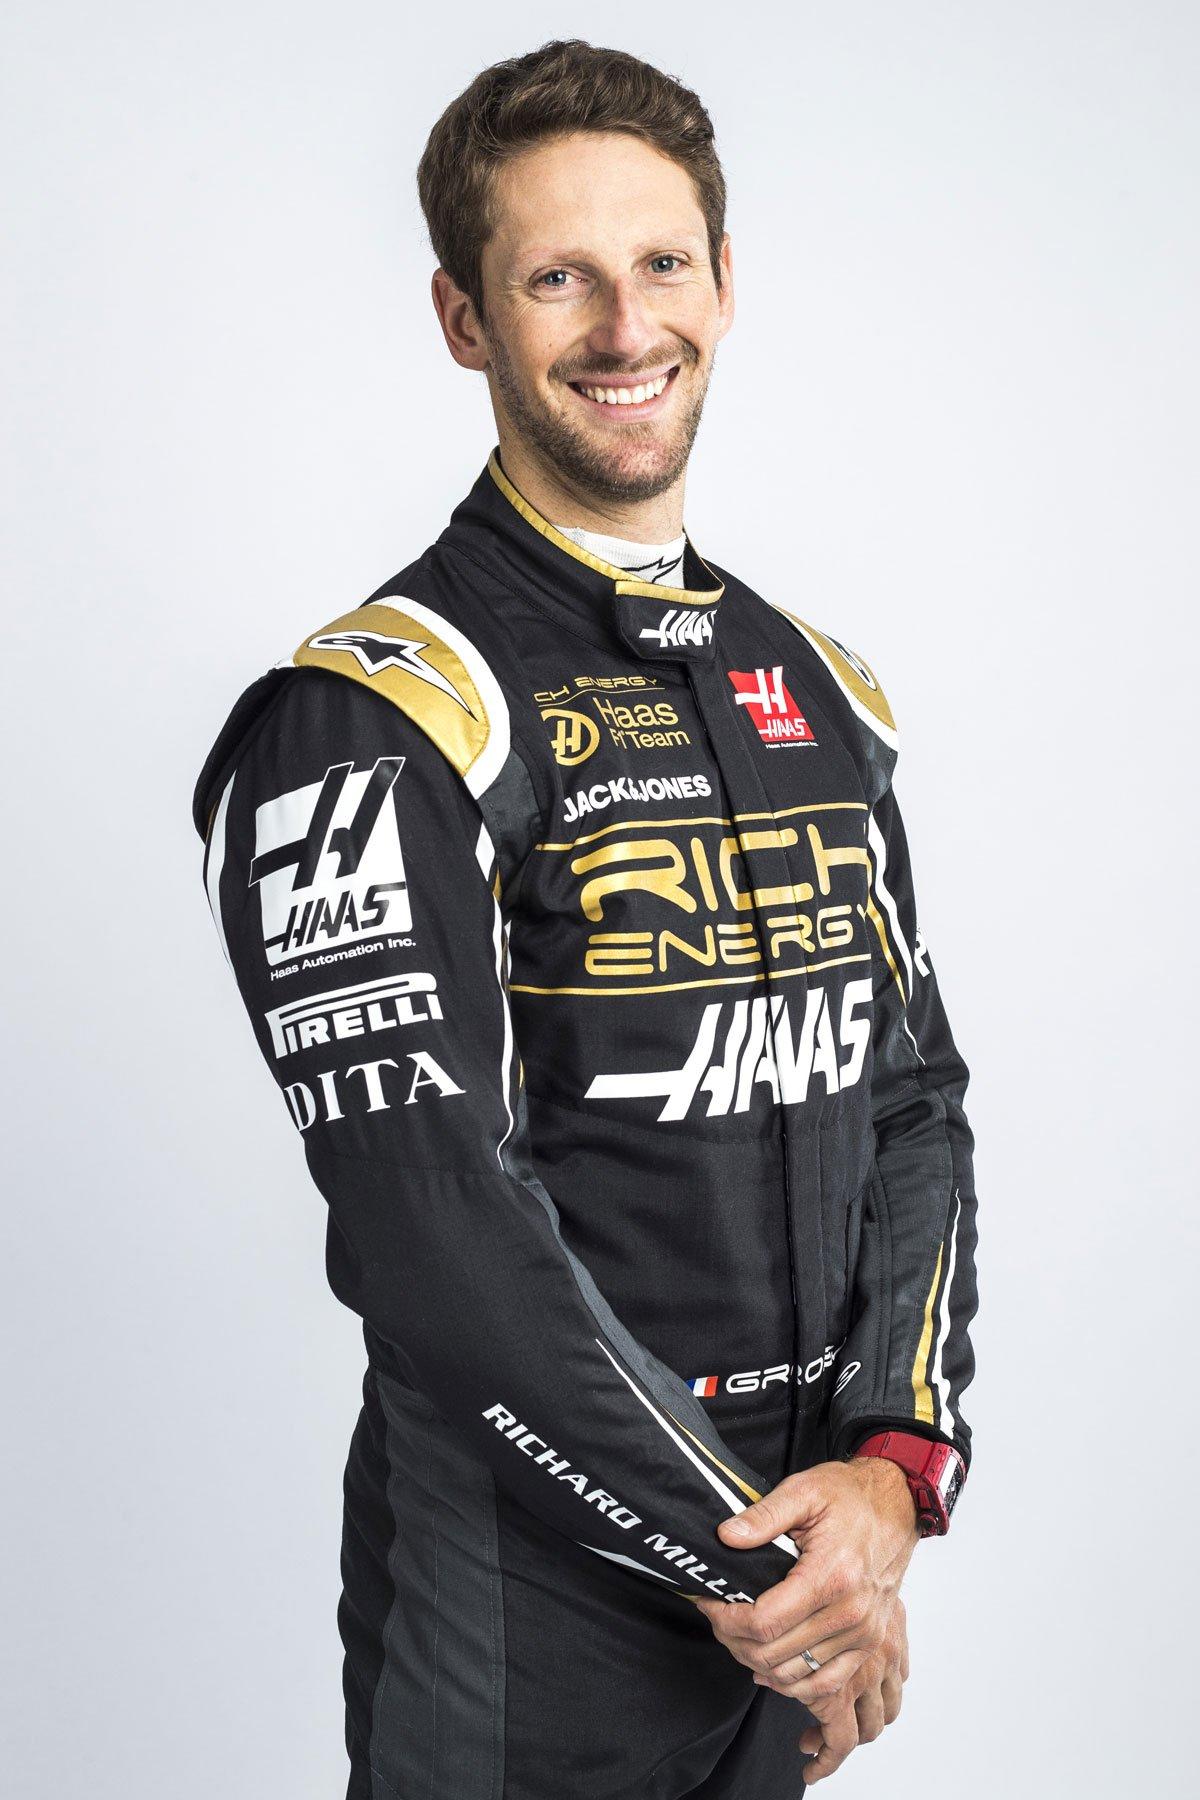 ロマン・グロージャン リッチエナジー・ハースF1チーム